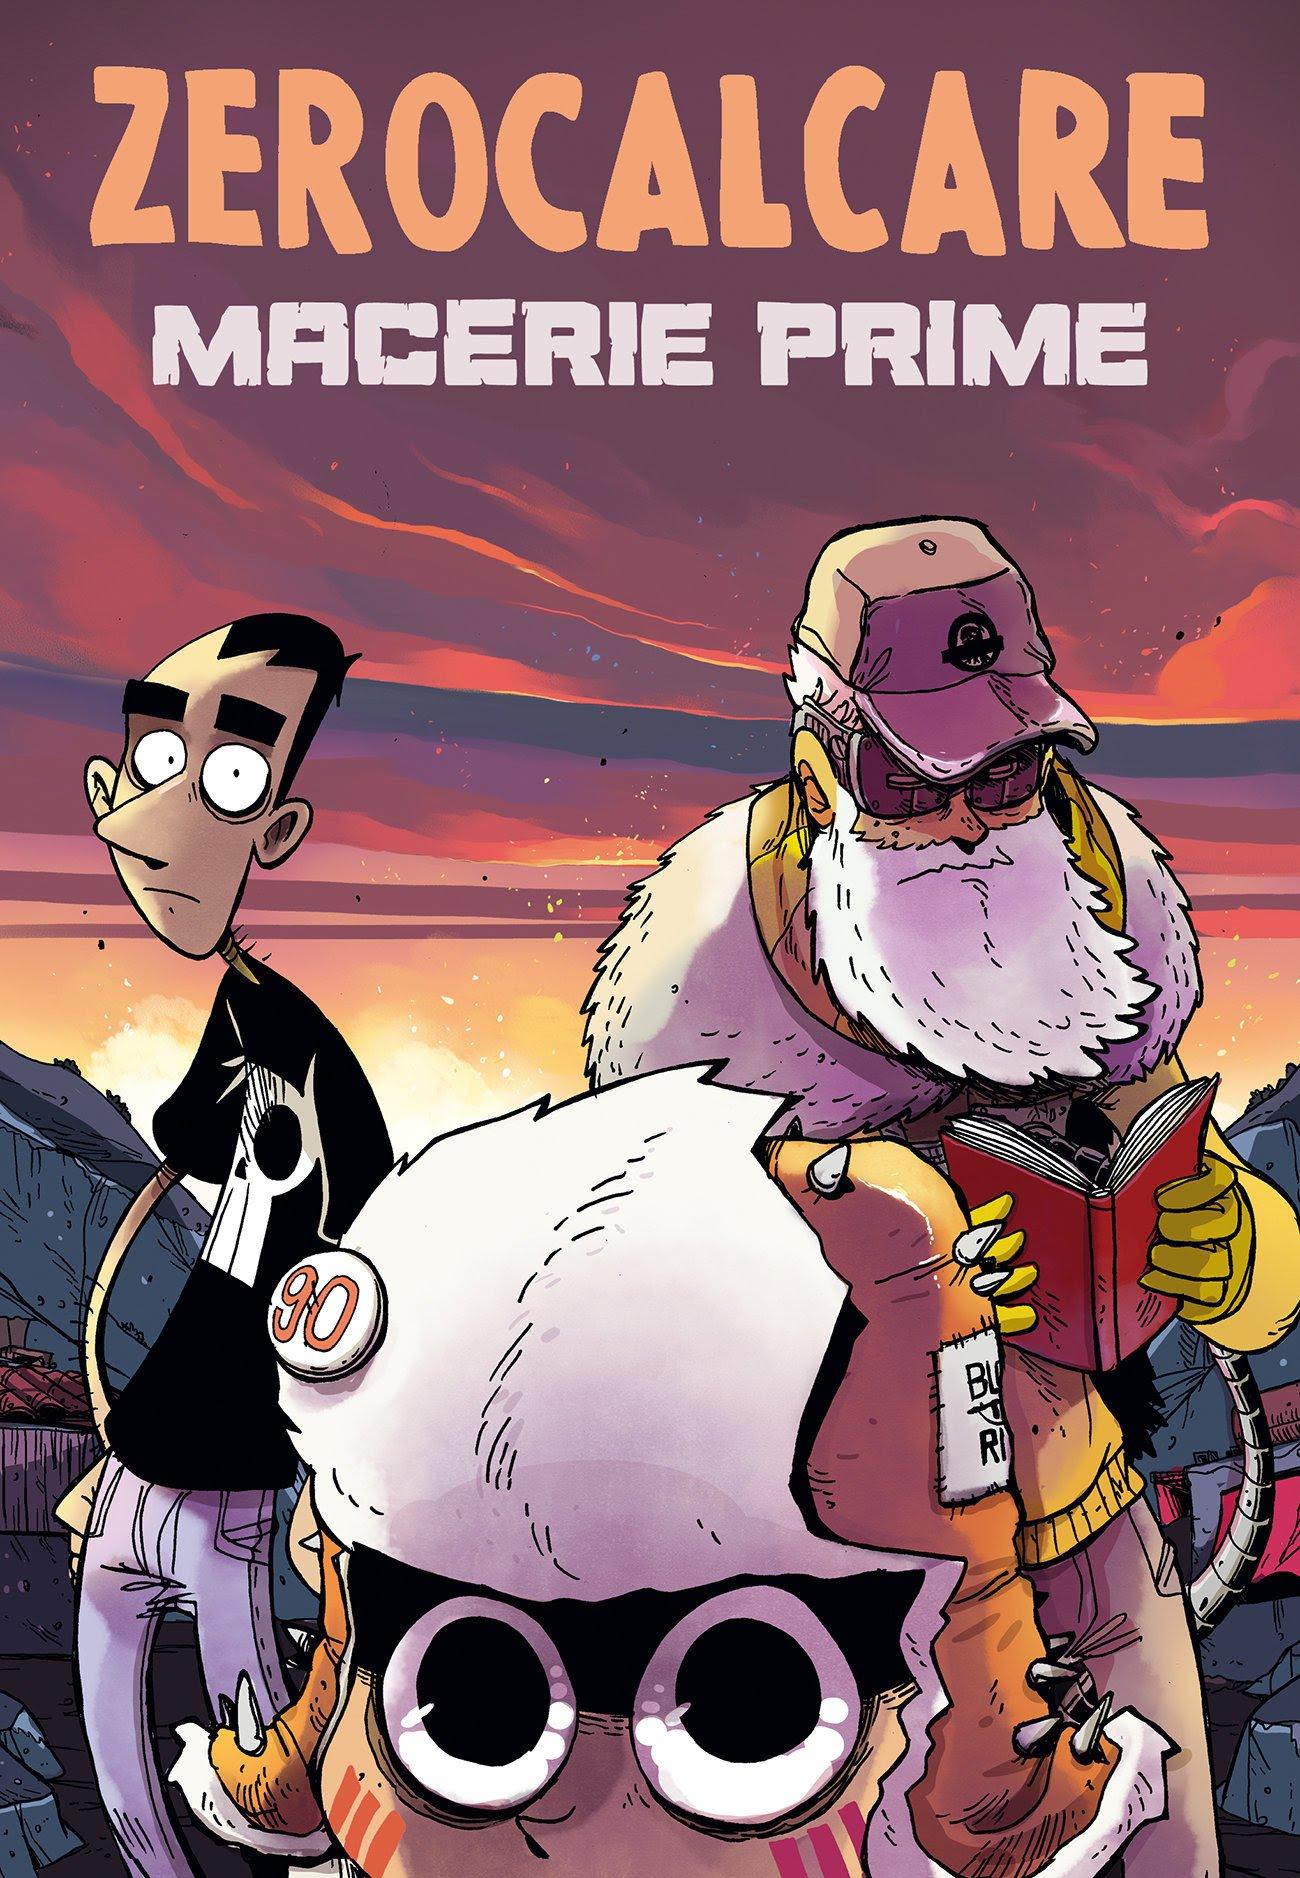 La copertina regolare di  Macerie prime,  colorata da Alberto Madrigal.